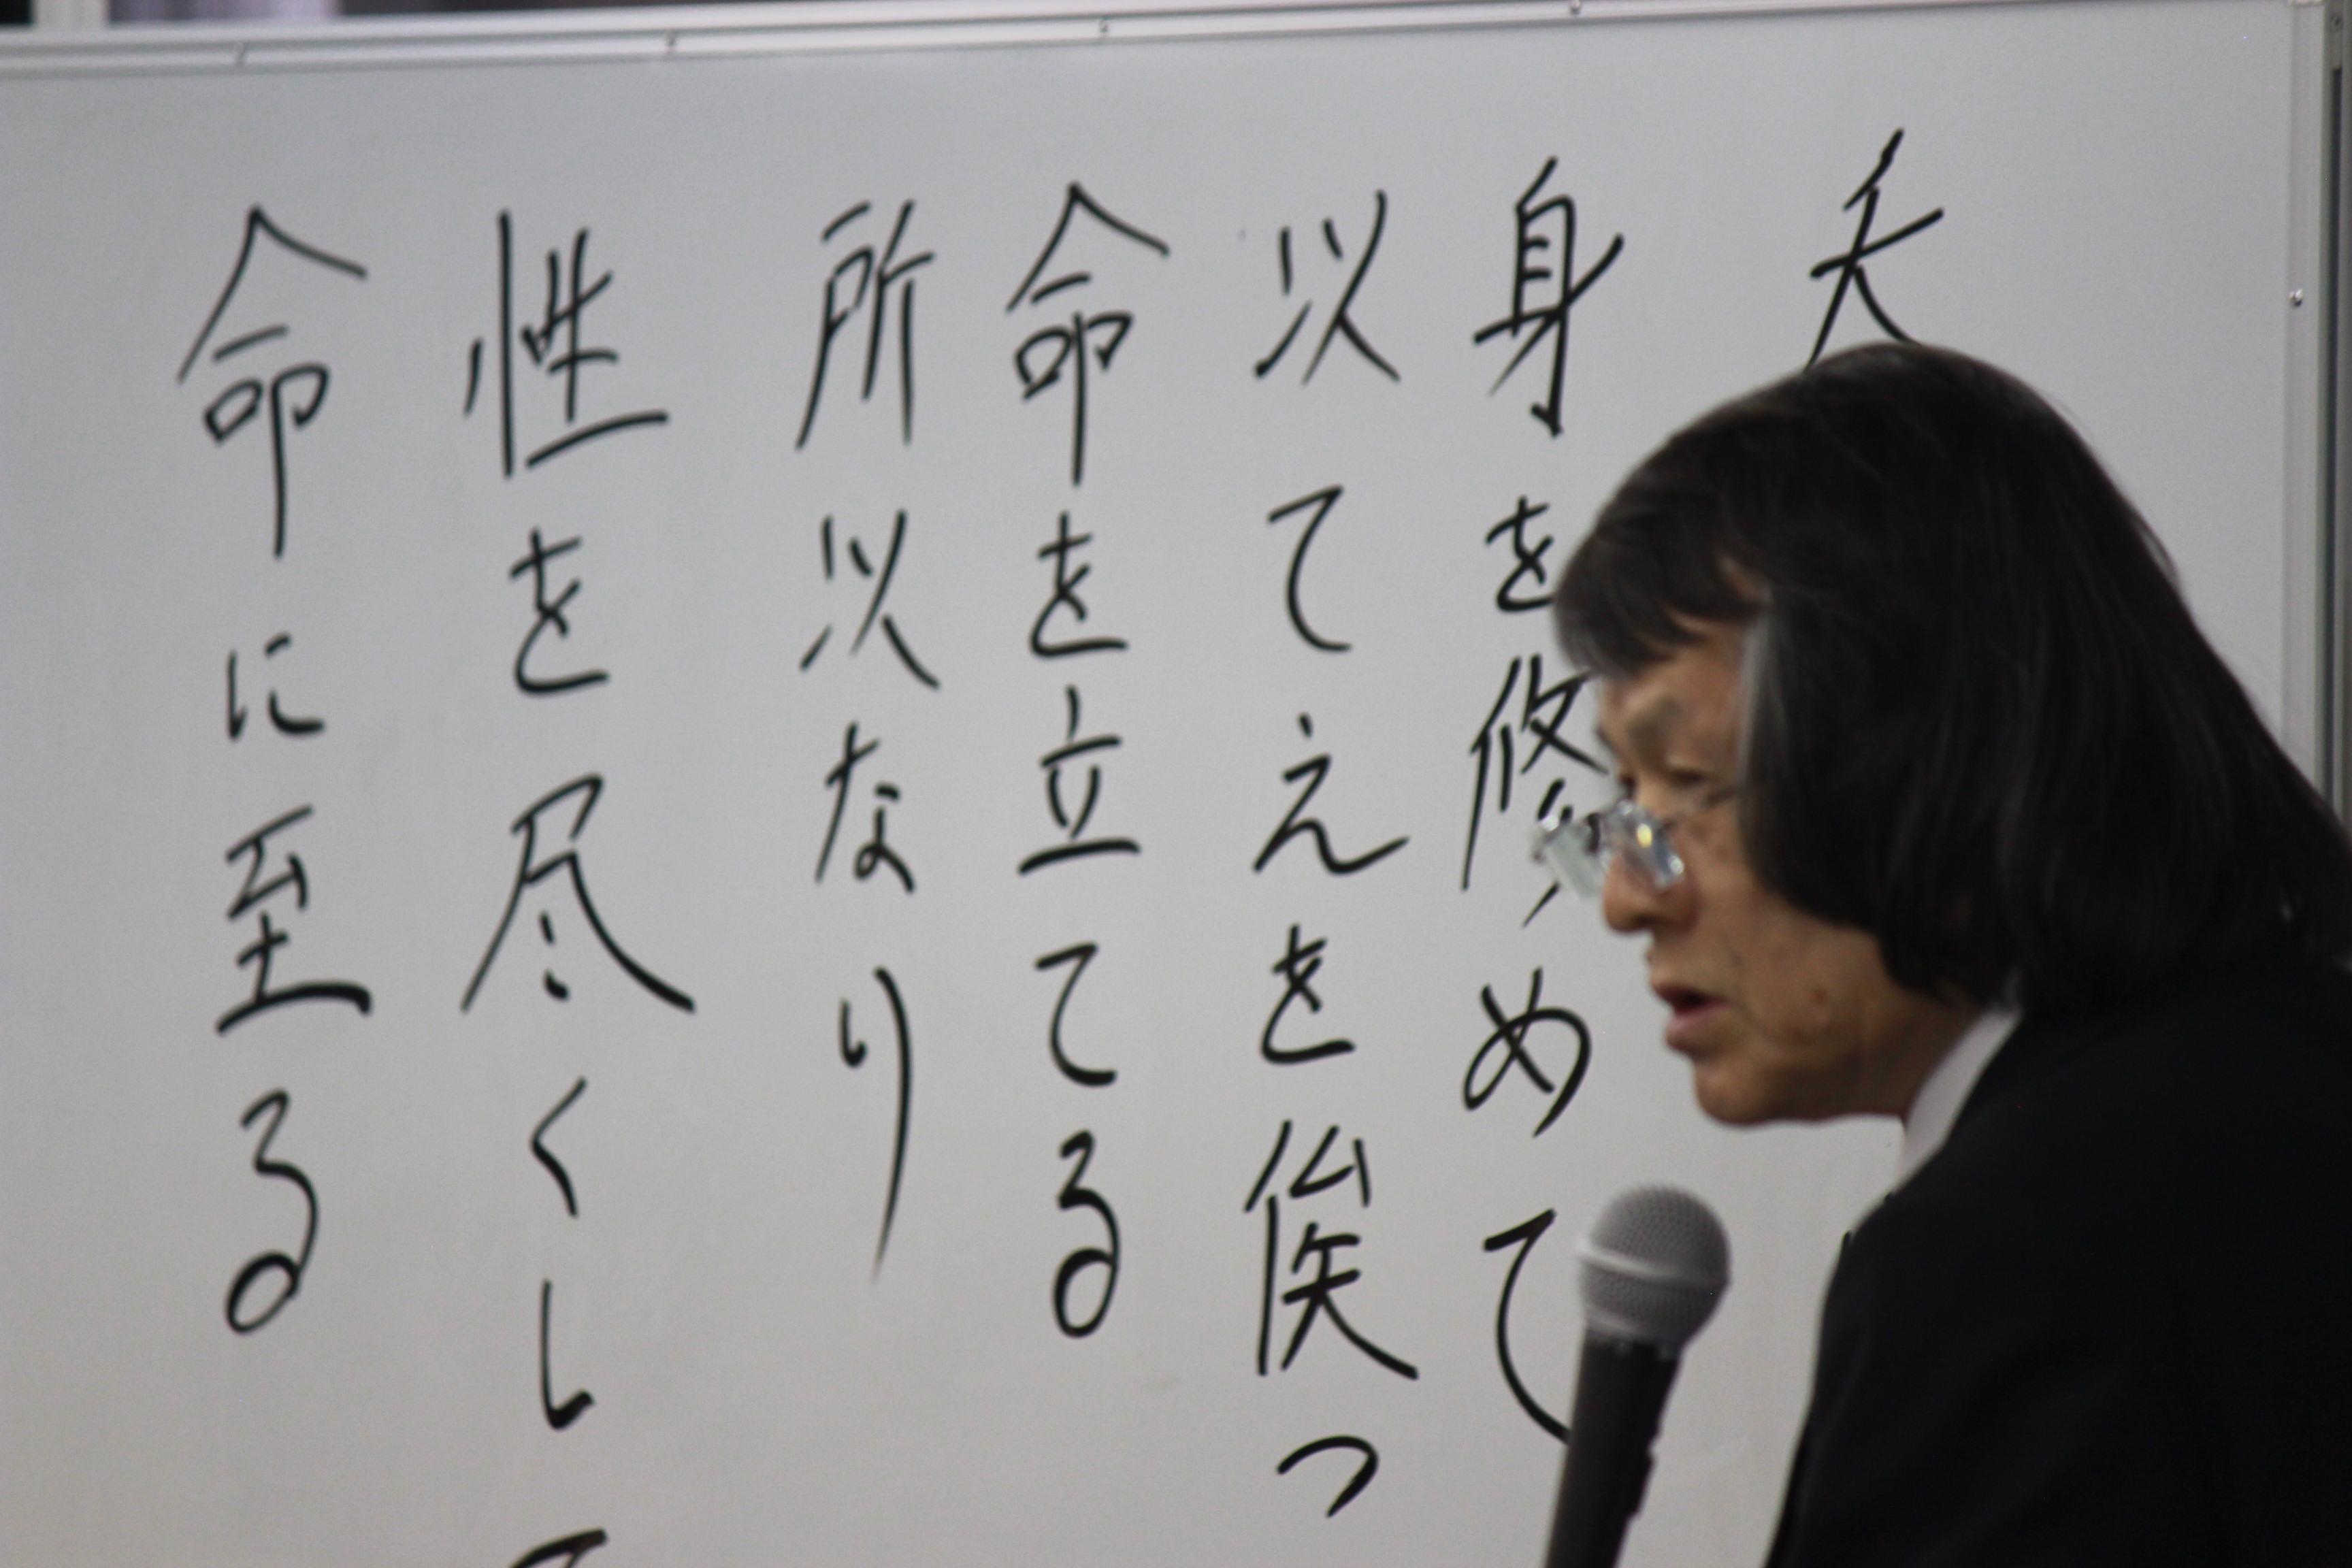 IMG 7846 - 7月20日関東若獅子の会